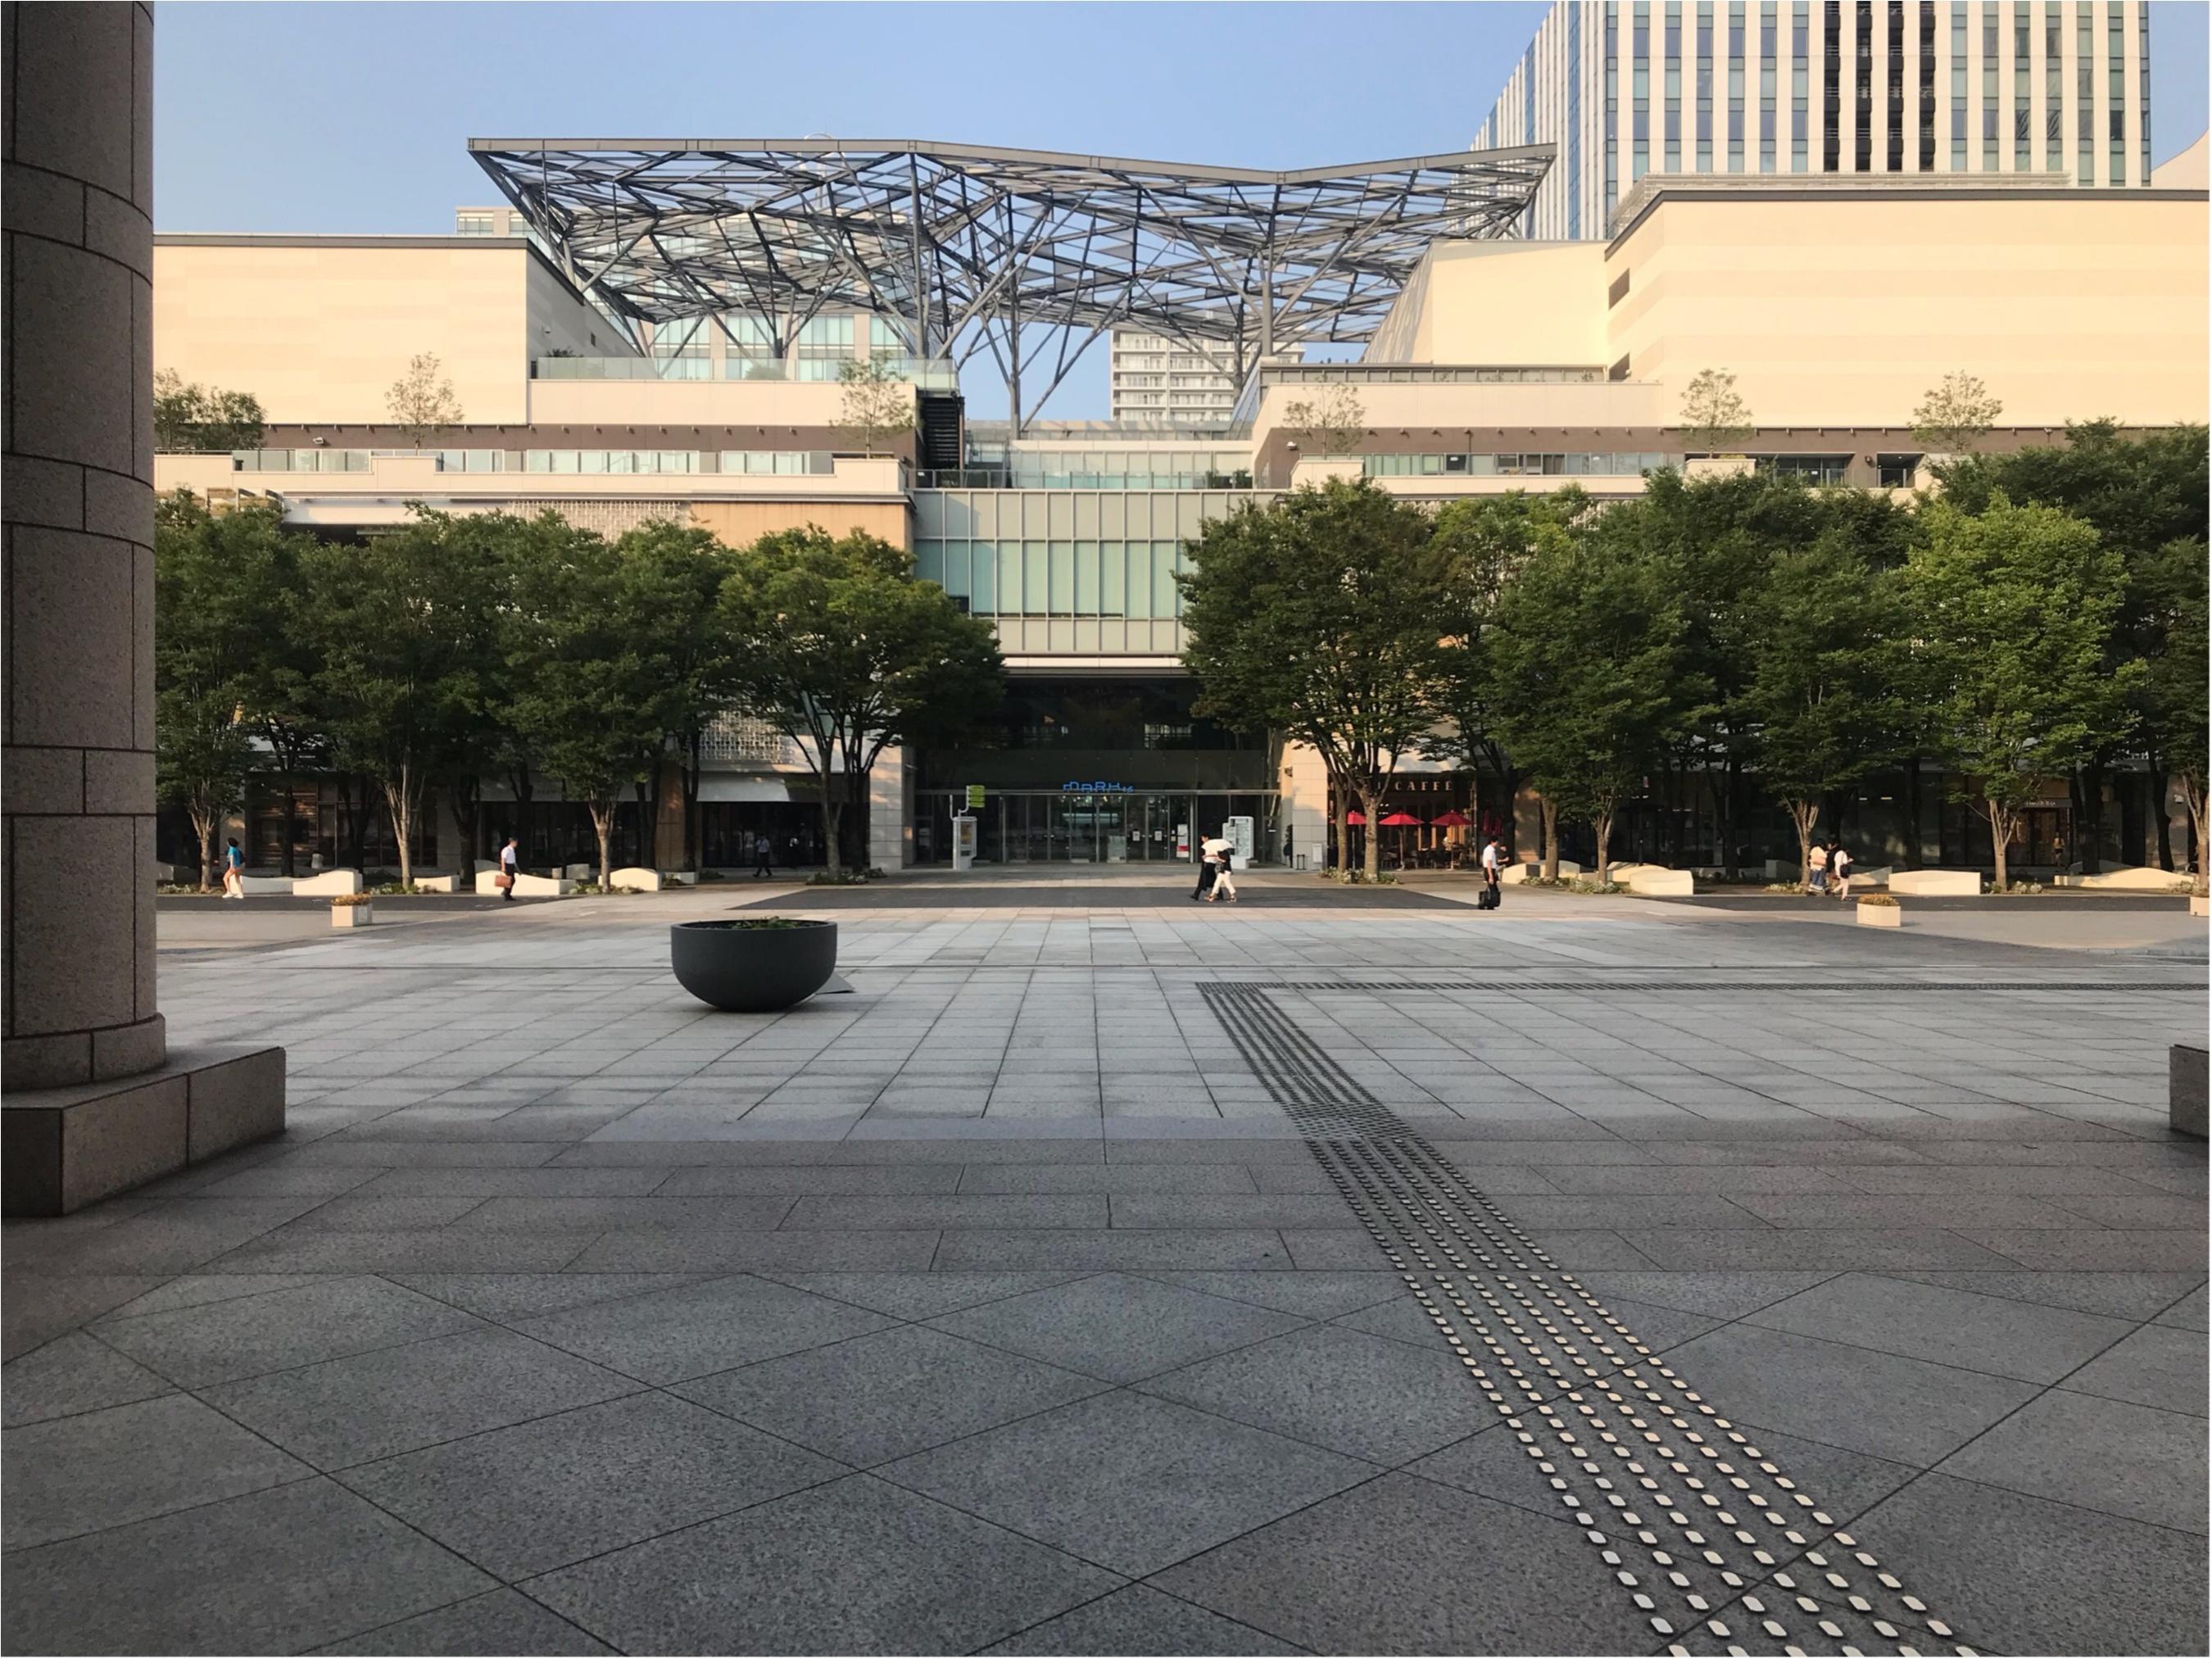 【横浜美術館】夏休みはモネ展へ!クロード・モネのそれからの100年!9月24日(月)まで!_3